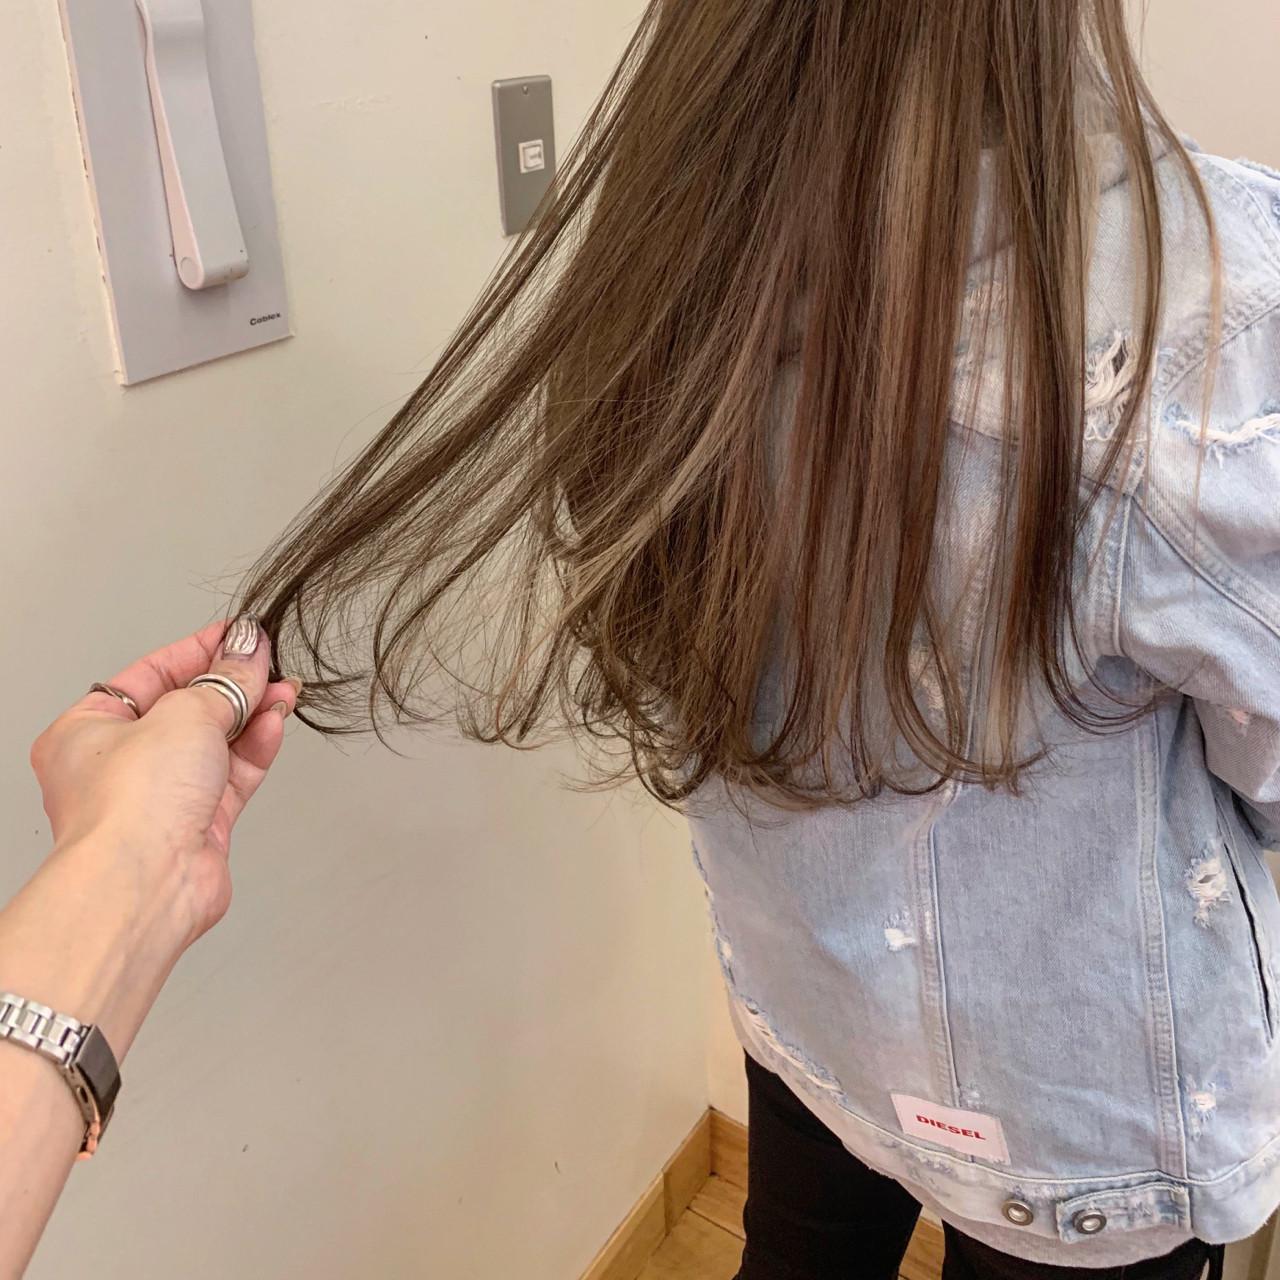 ゆるふわ アンニュイほつれヘア ハイライト 大人かわいい ヘアスタイルや髪型の写真・画像 | yumiko/sapporoSKNOW / SKNOW